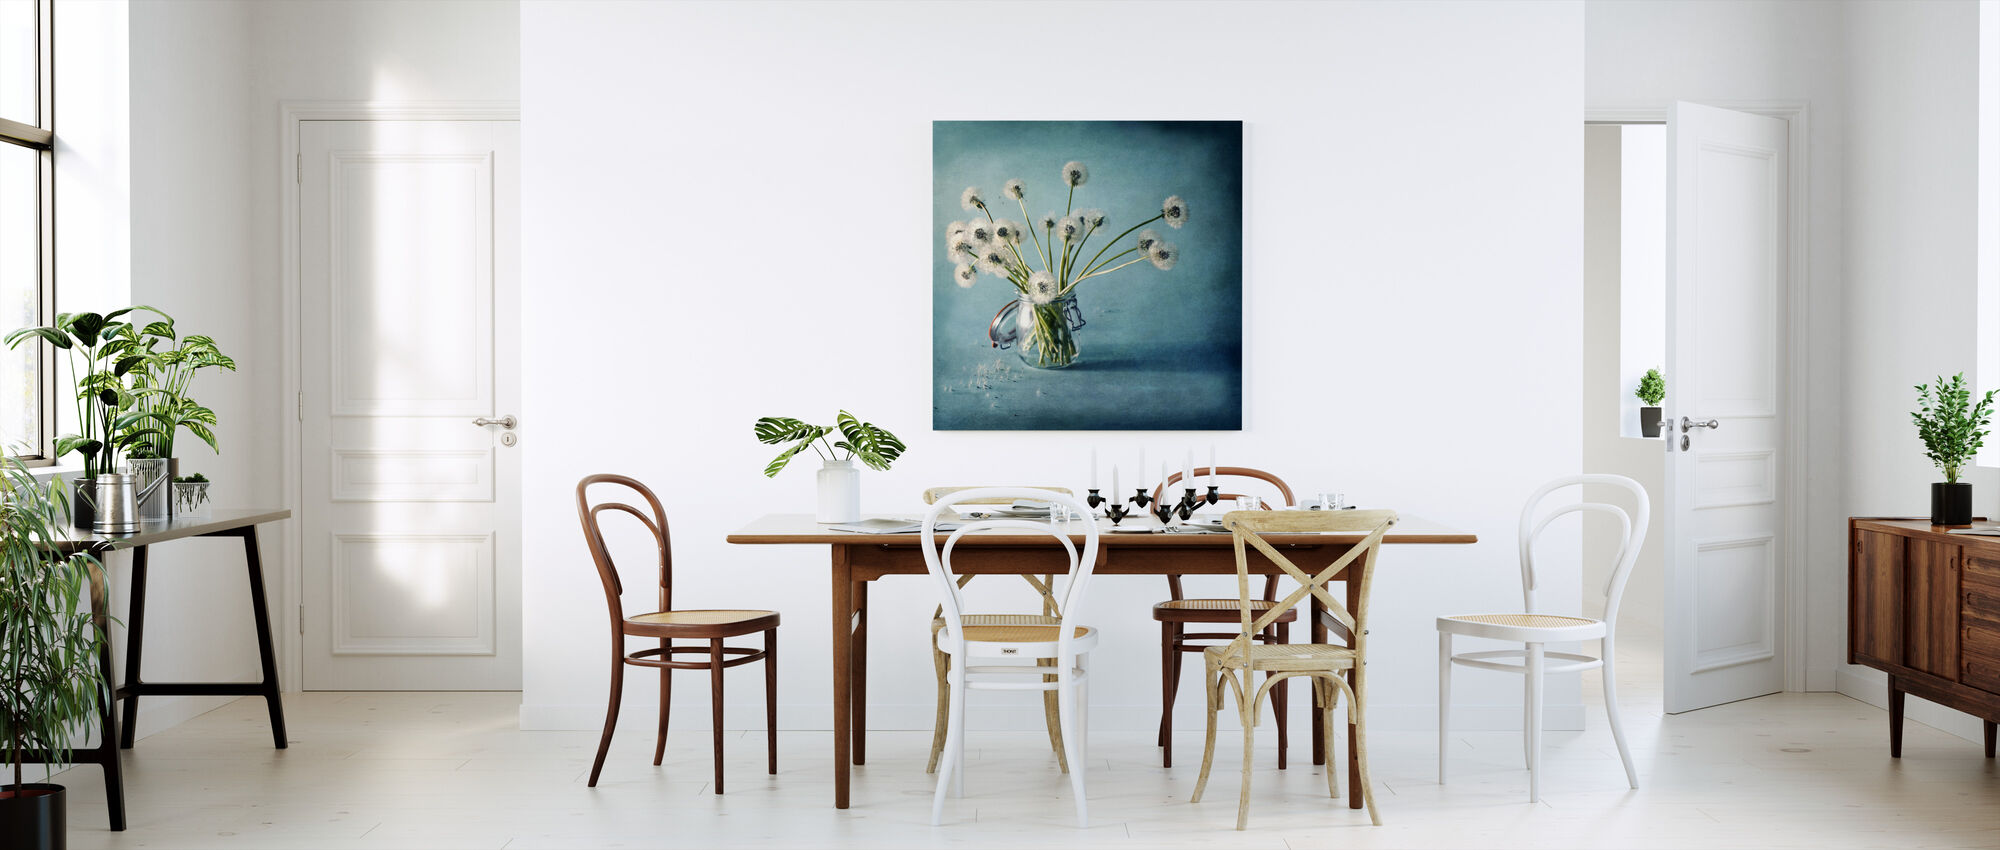 Wensen opslaan - Canvas print - Keuken